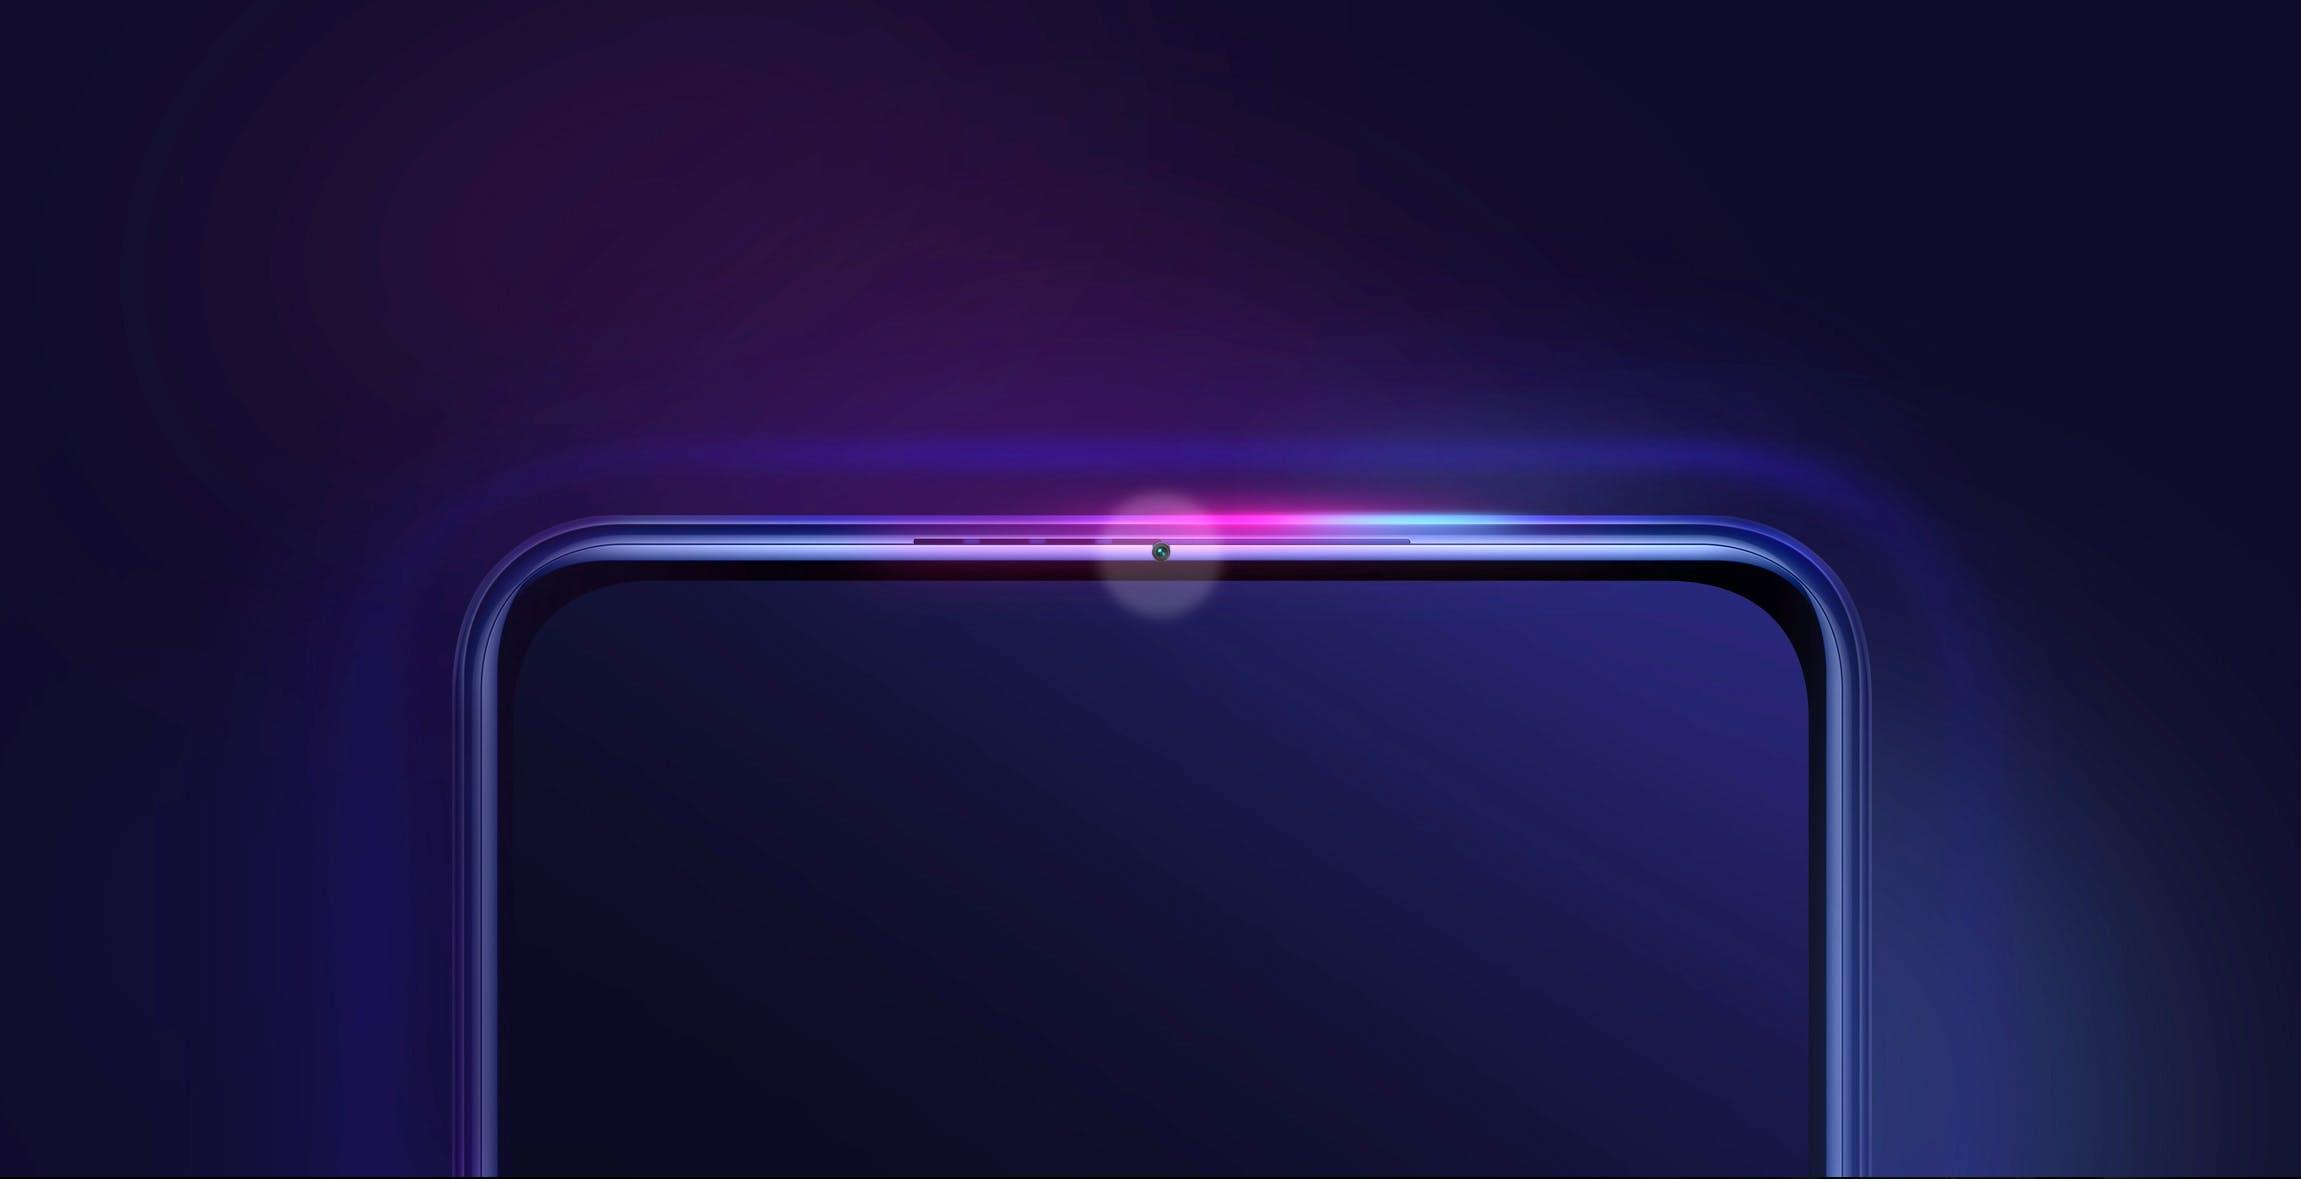 Xiaomi nasconde la camera frontale nella cornice del telefono. L'immagine trasmessa con la fibra ottica